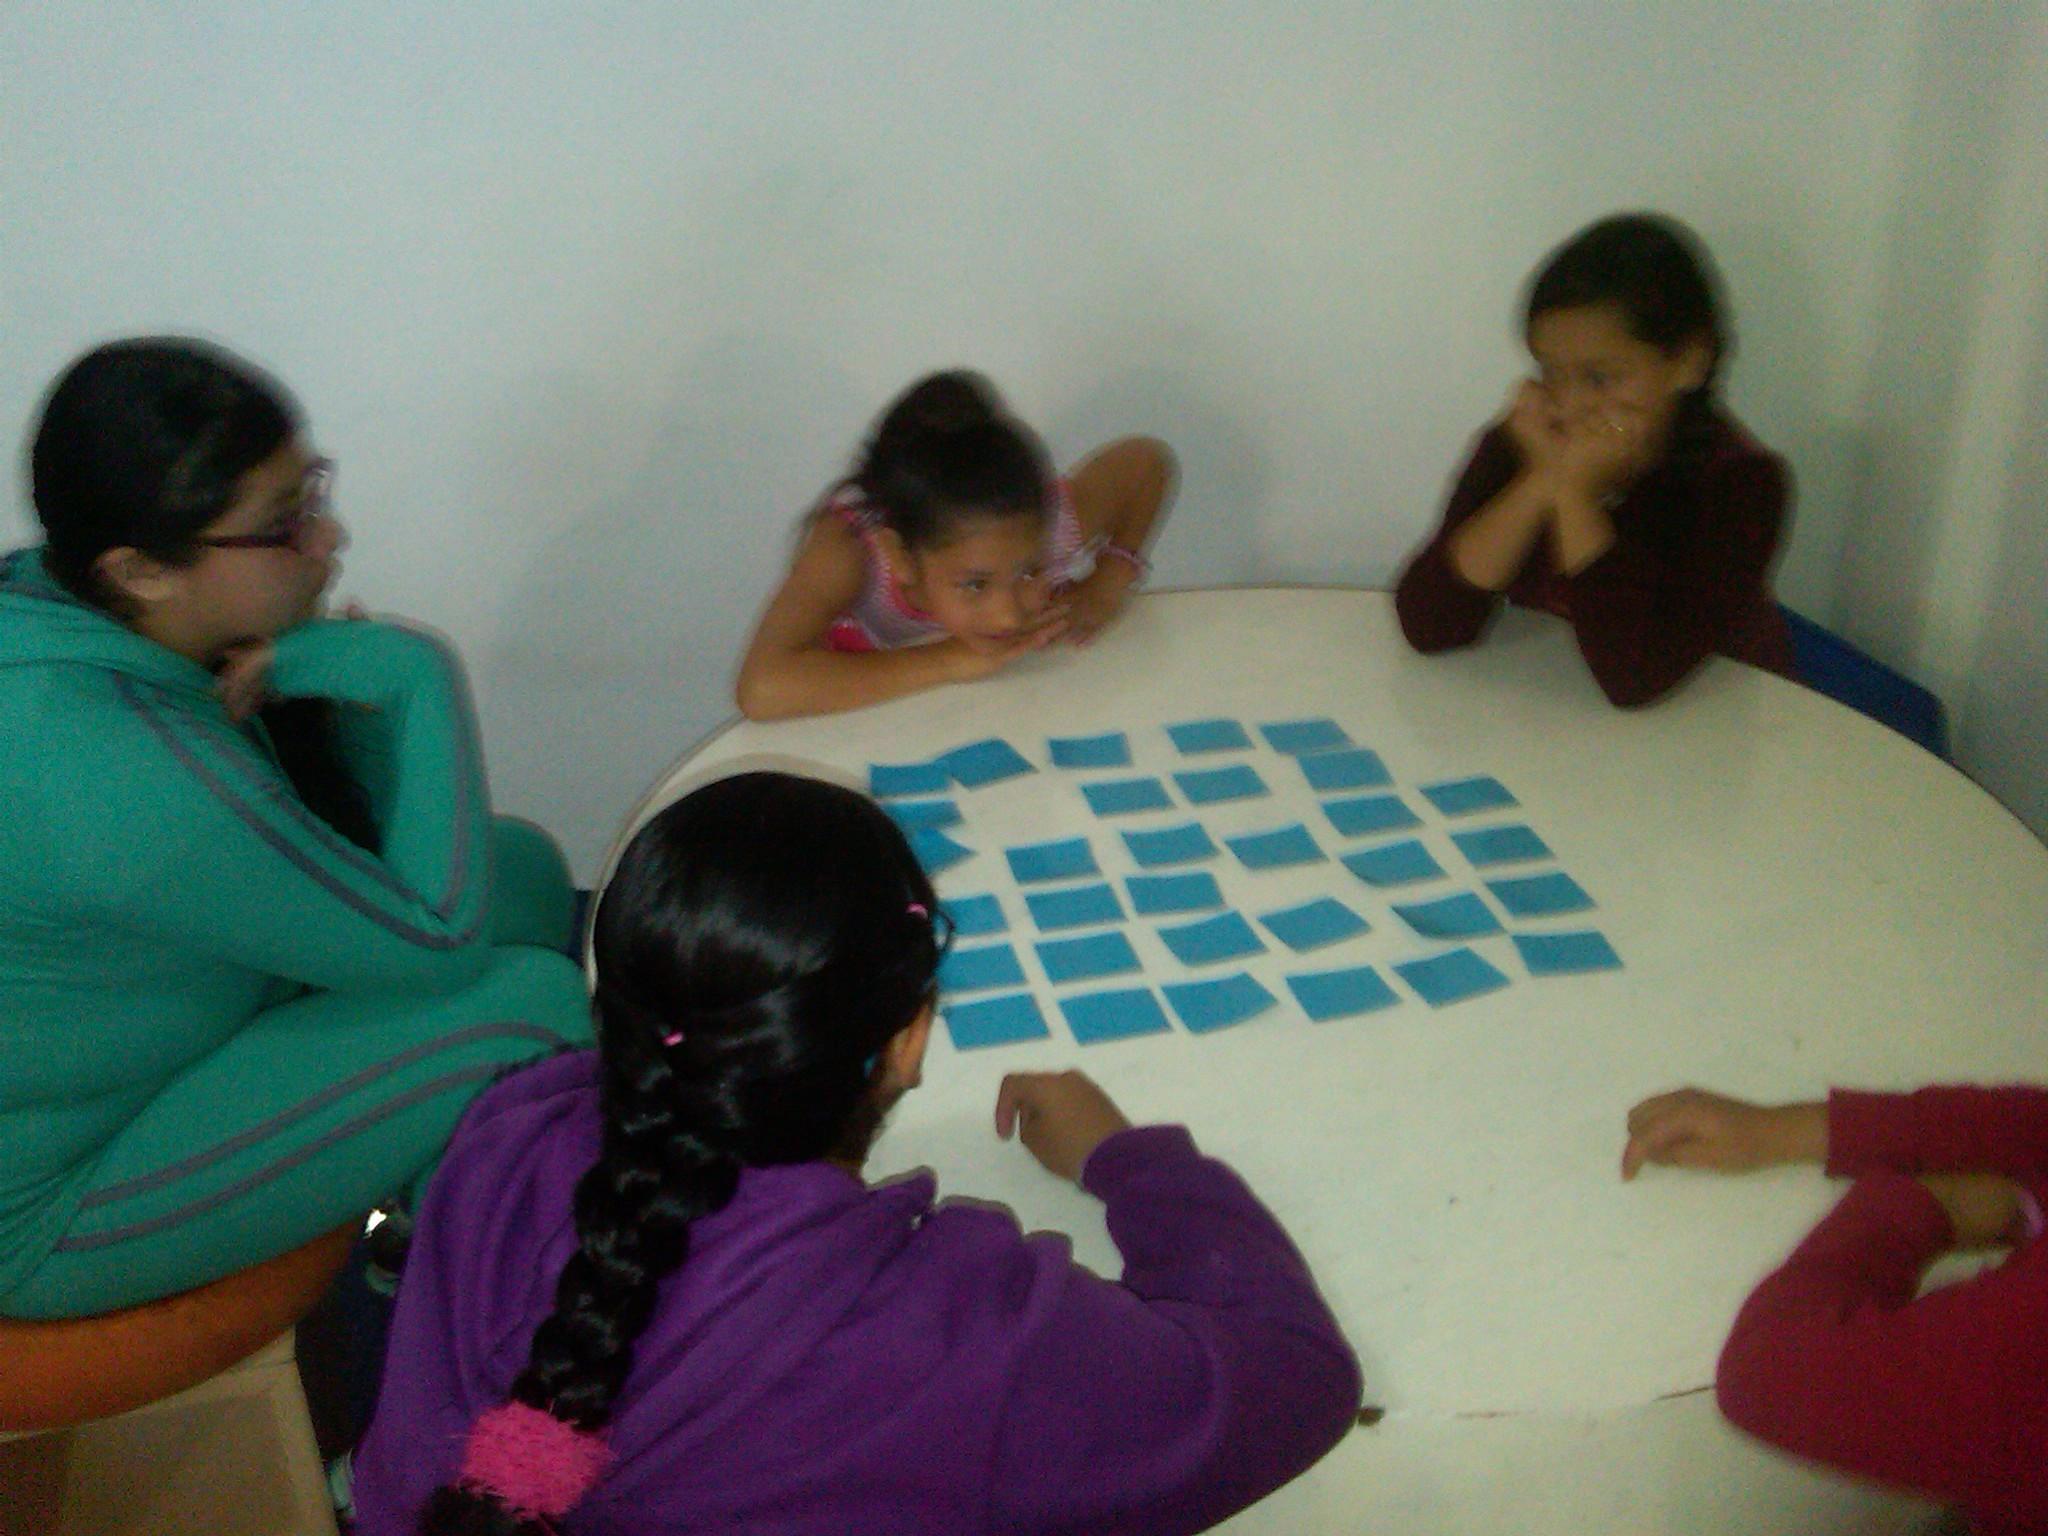 Educación_básica,_juegos_de_estrategia_2